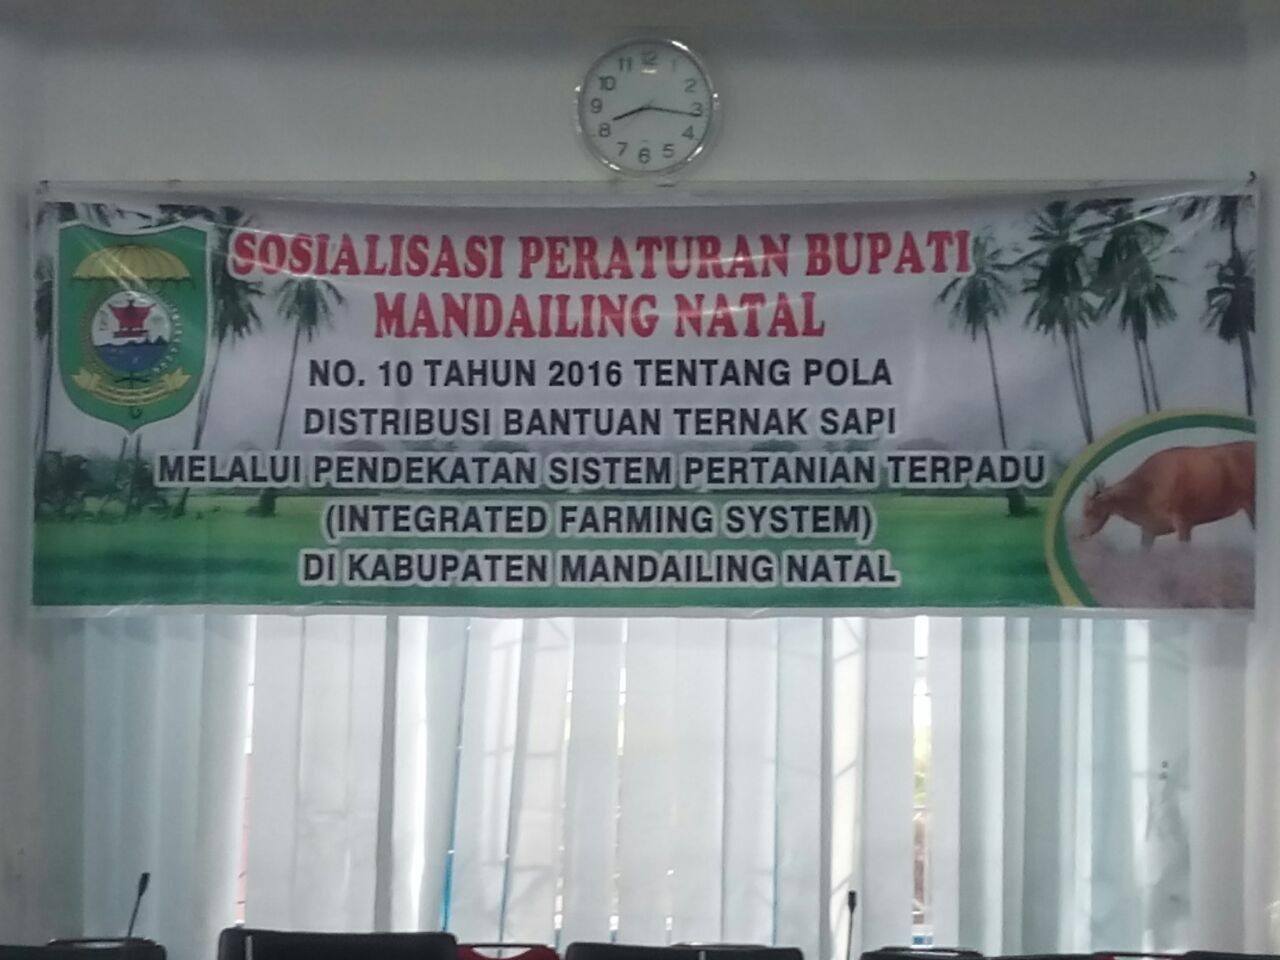 Dinas Pertanian Madina adakan Sosialisasi Peraturan Bupati No.10 Tahun 2016